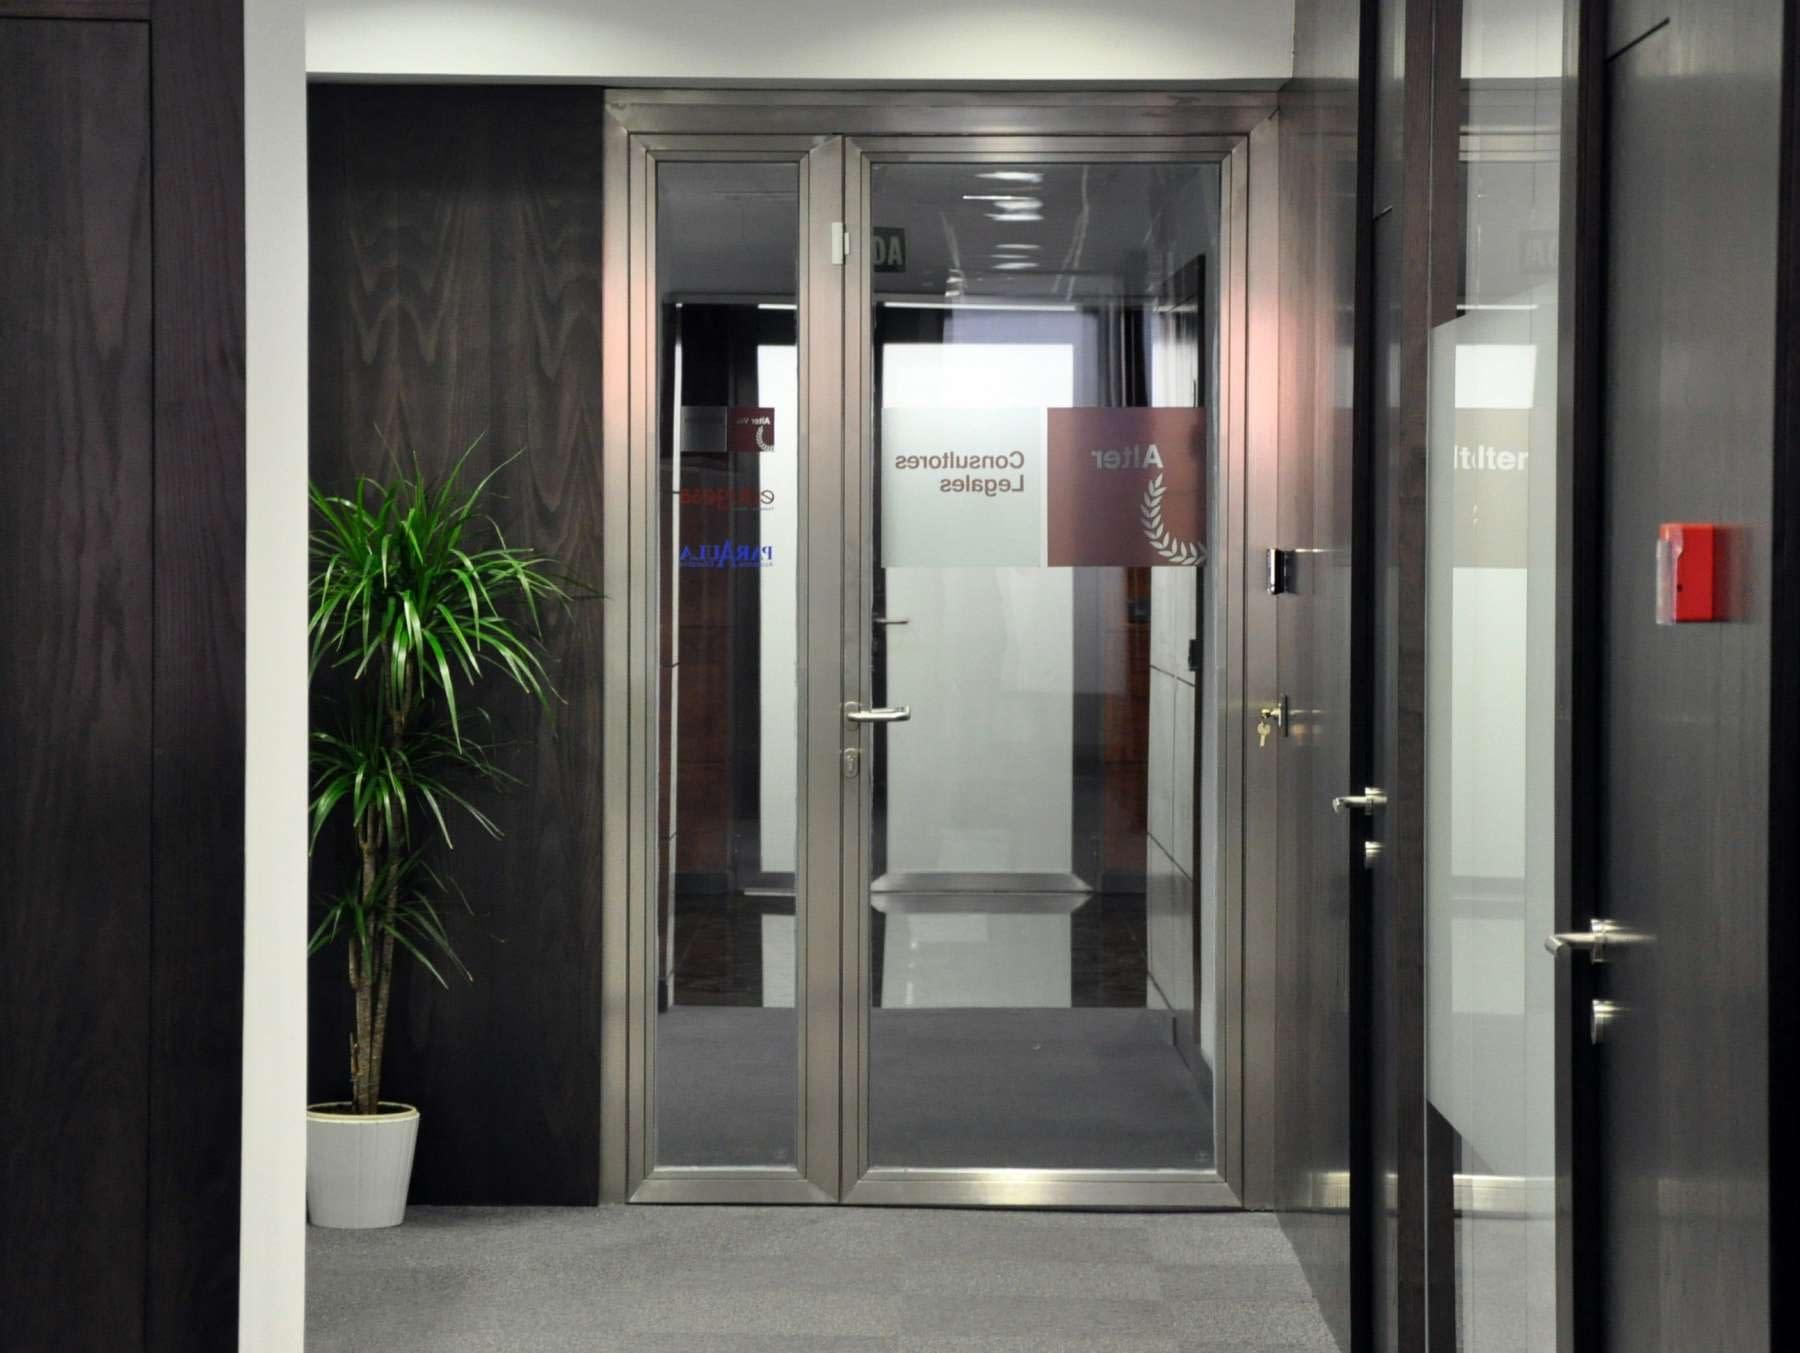 Acceso reforma de oficina de despacho de abogados en Madrid